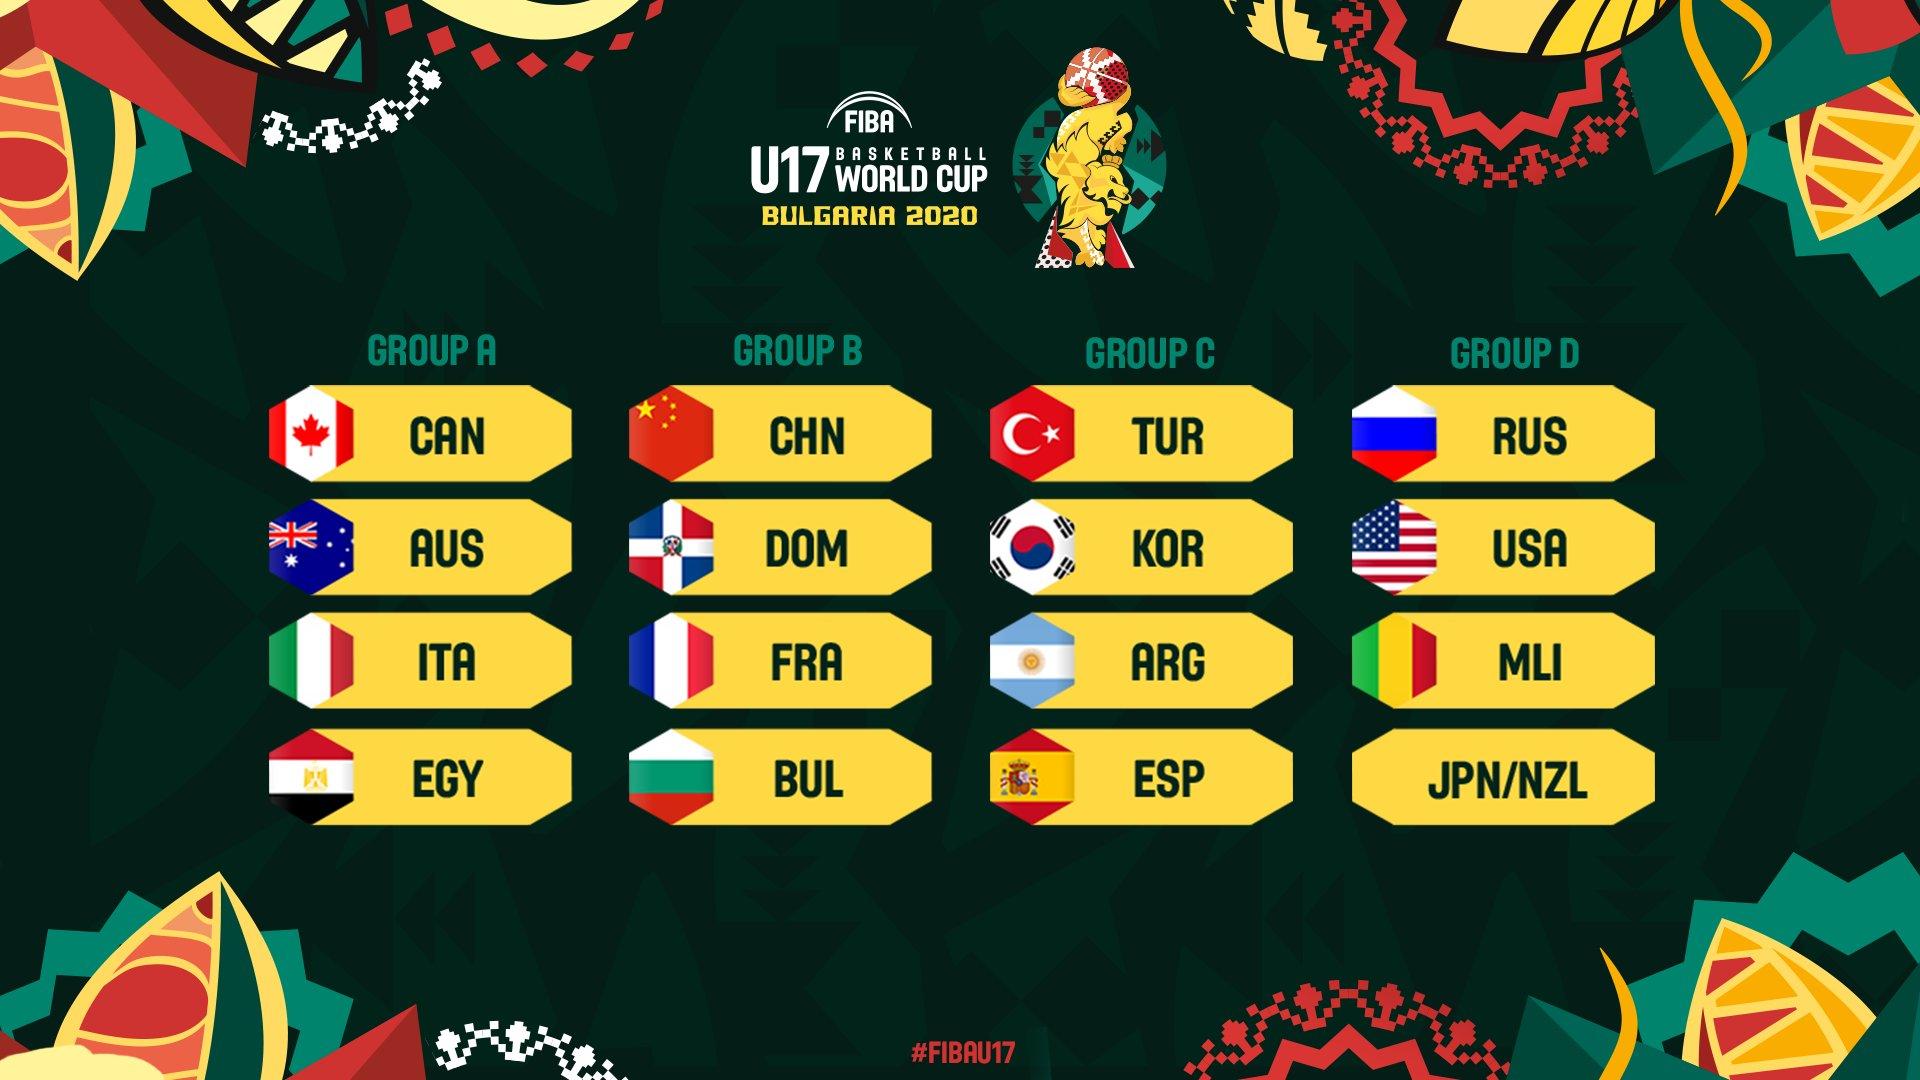 La Selección Nacional U17 conoció a sus rivales para el Mundial de Bulgaria